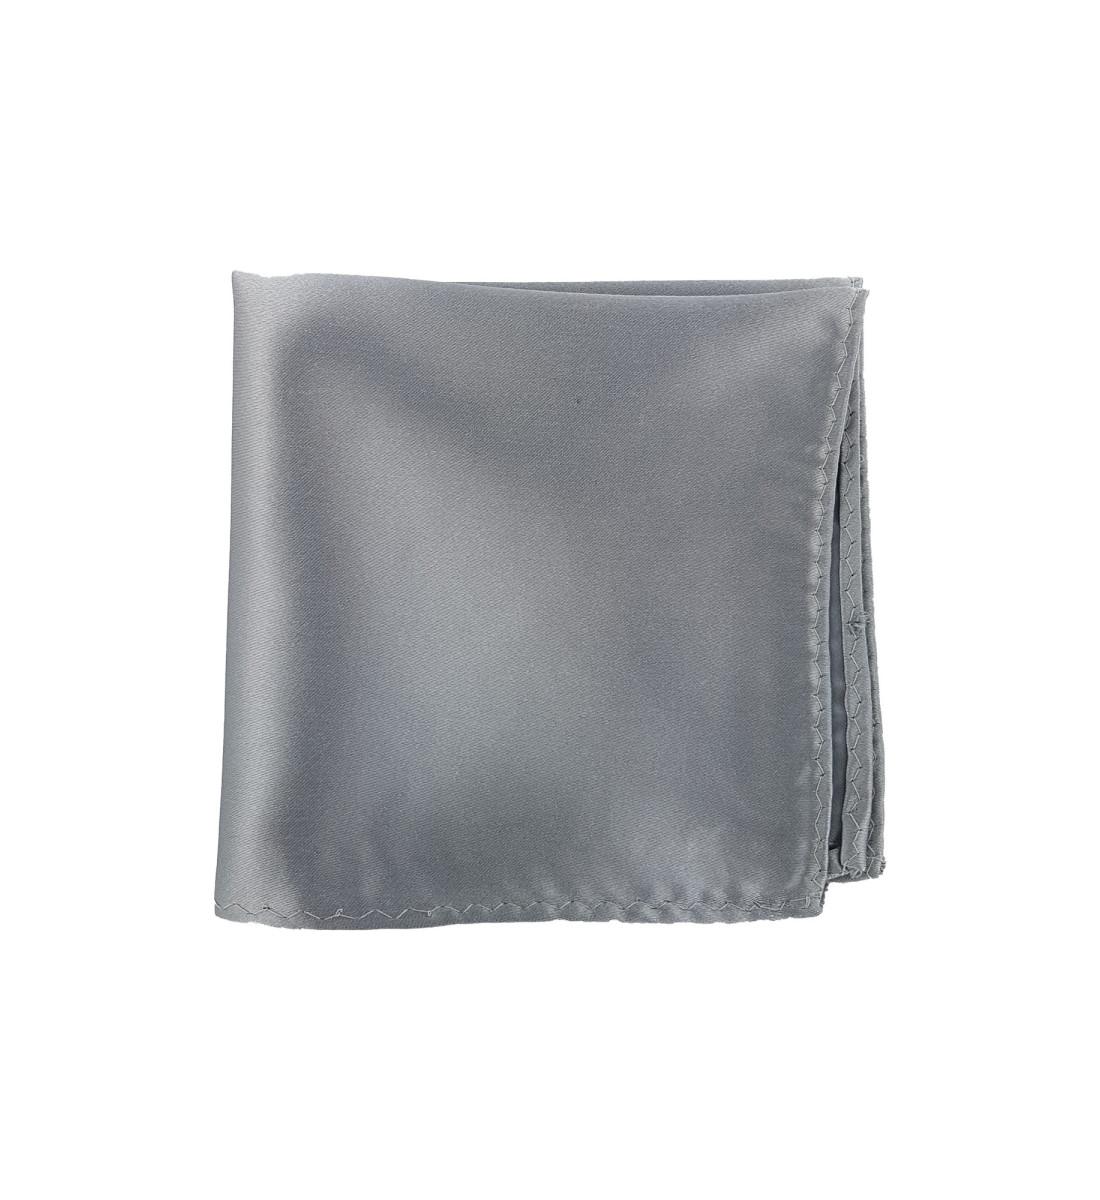 Pochette unie en soie GRIS ARGENT